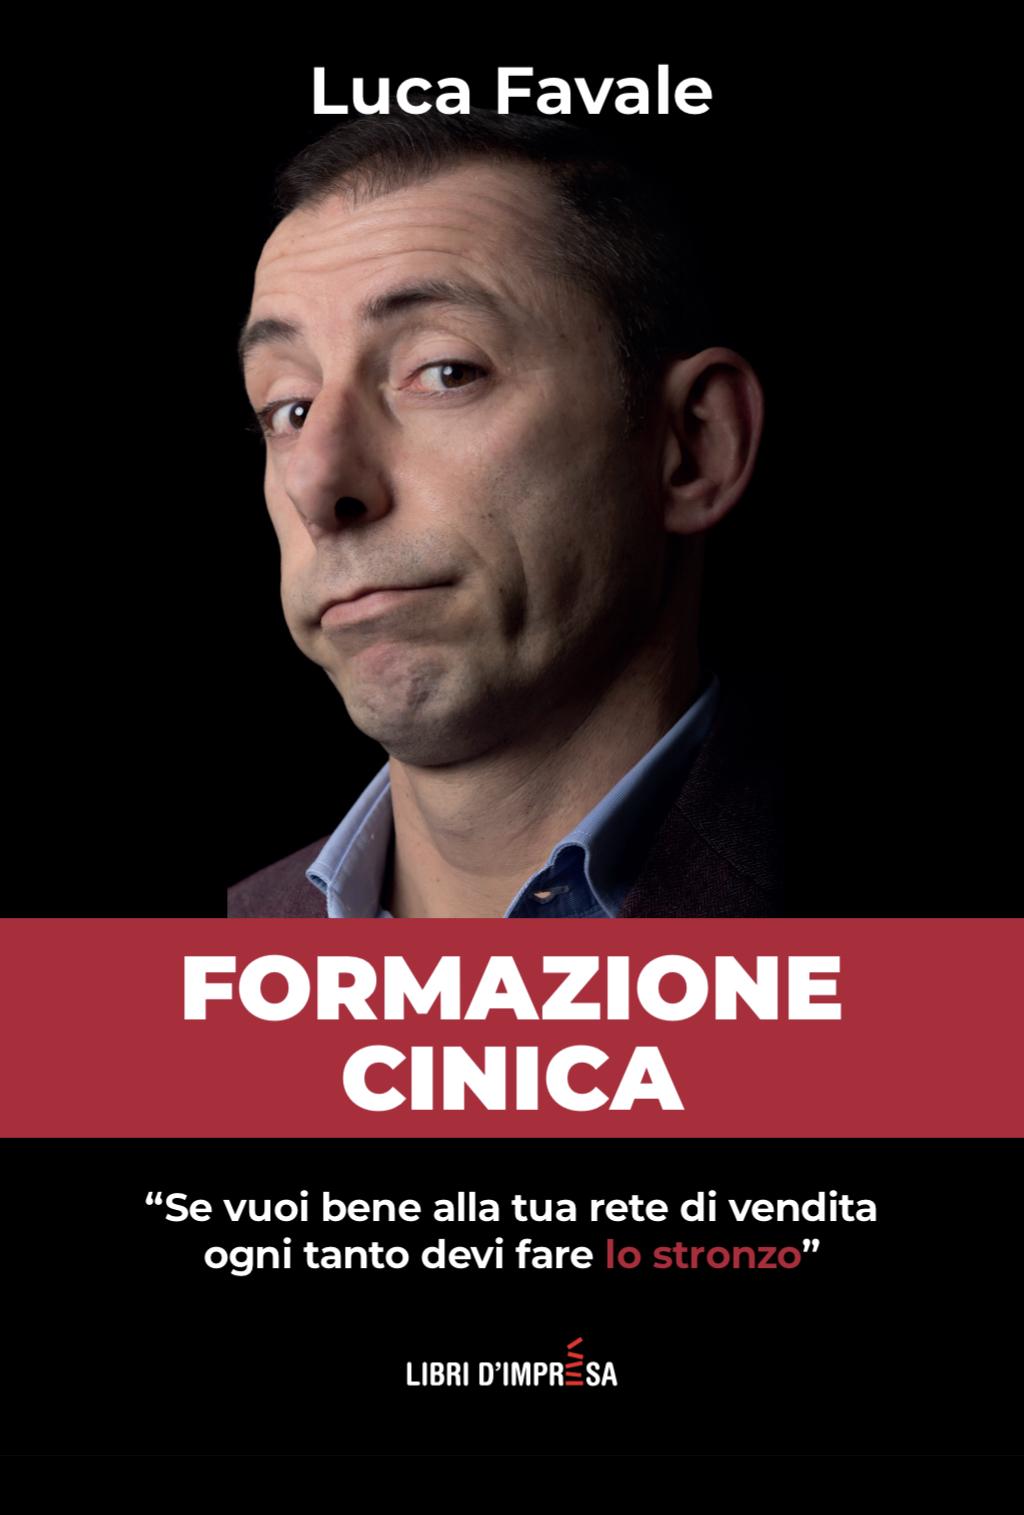 Formazione Cinica - Luca Favale - Libri d'Impresa